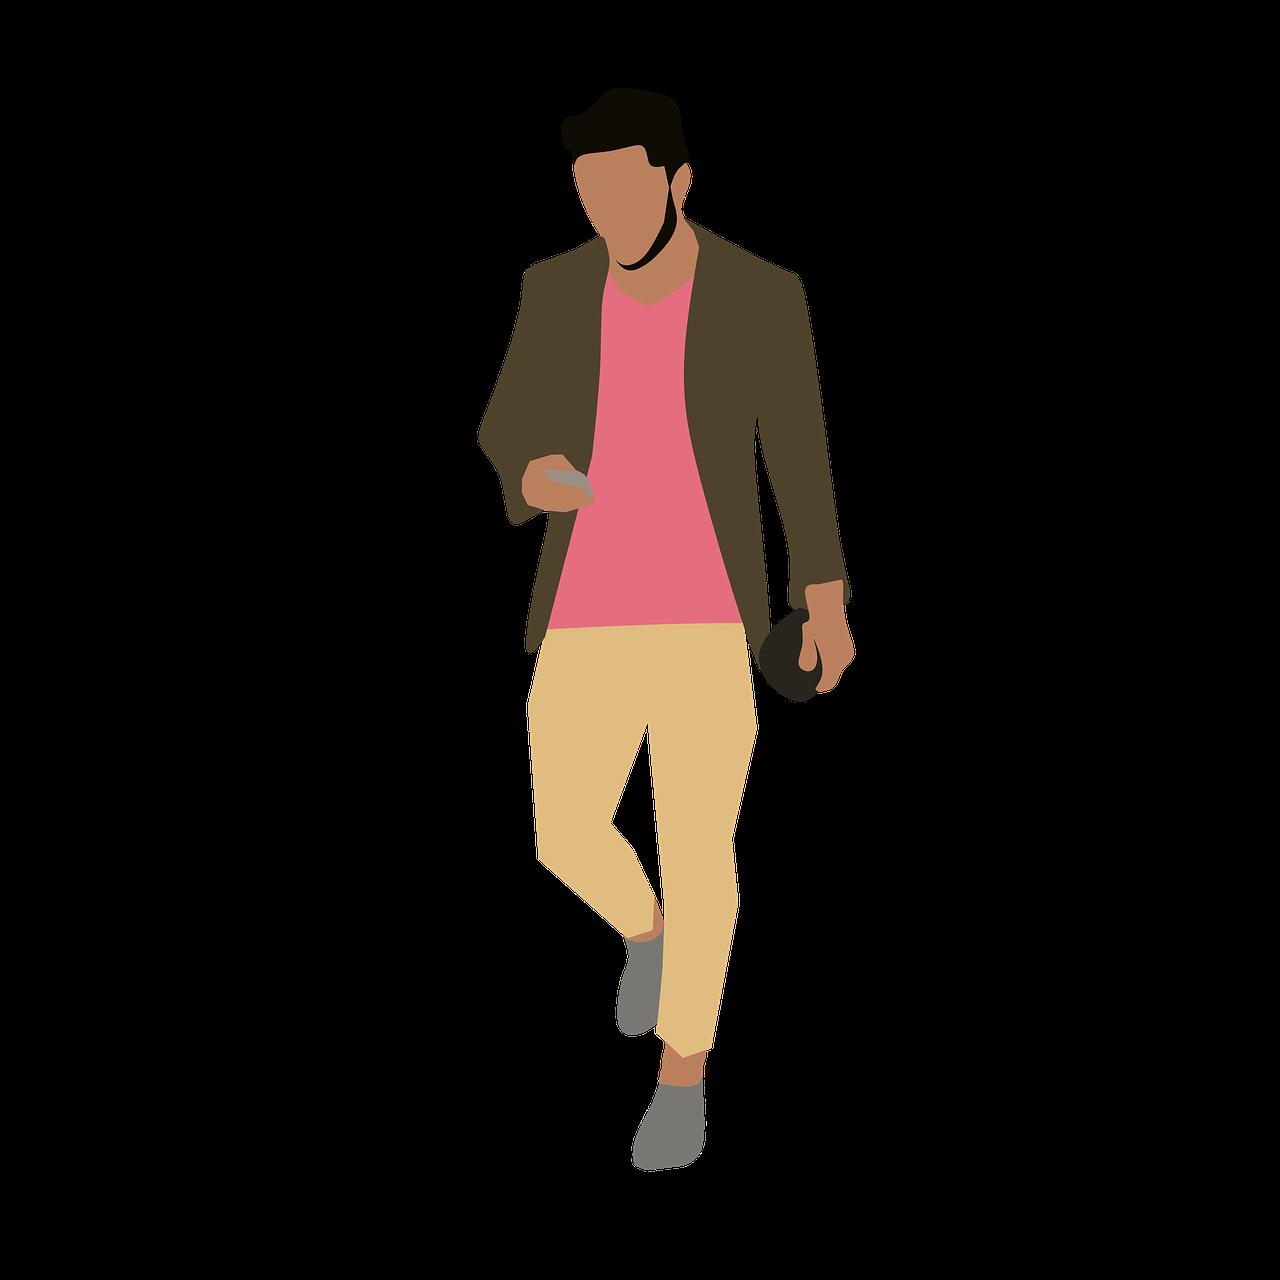 Laki Sketsa Mode Orang Gambar Gratis Di Pixabay